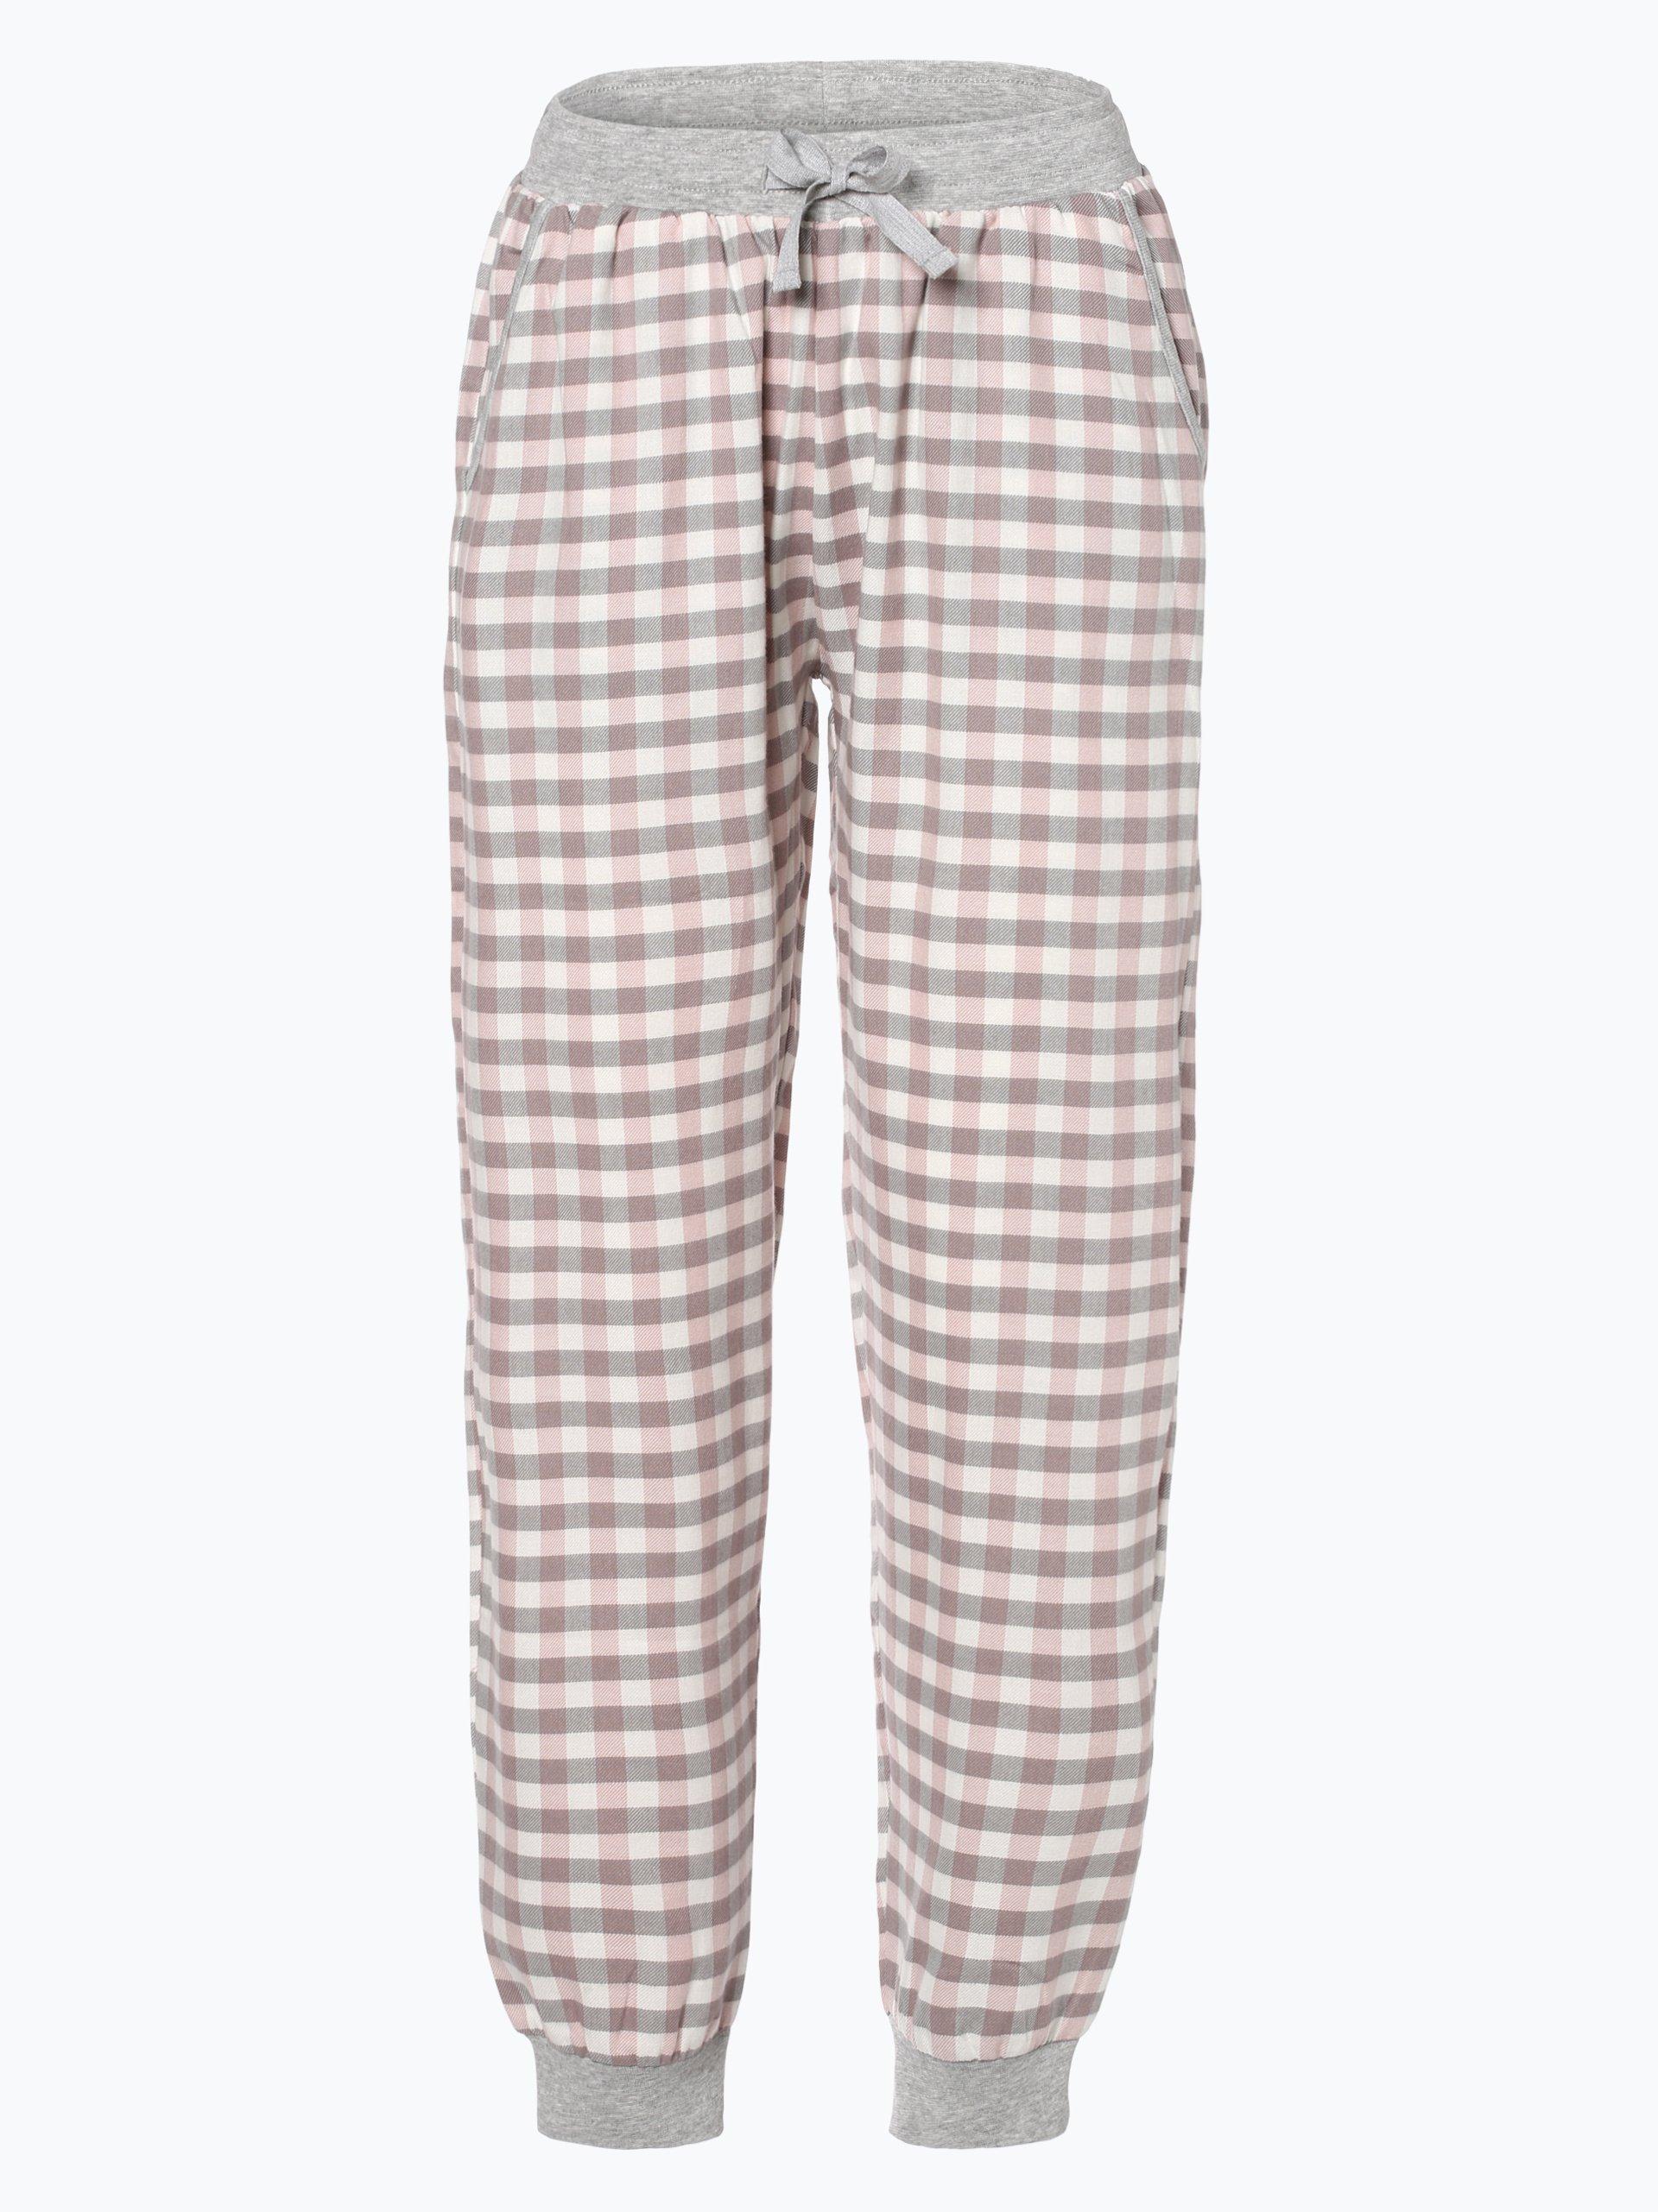 Marie Lund Damen Pyjama-Hose